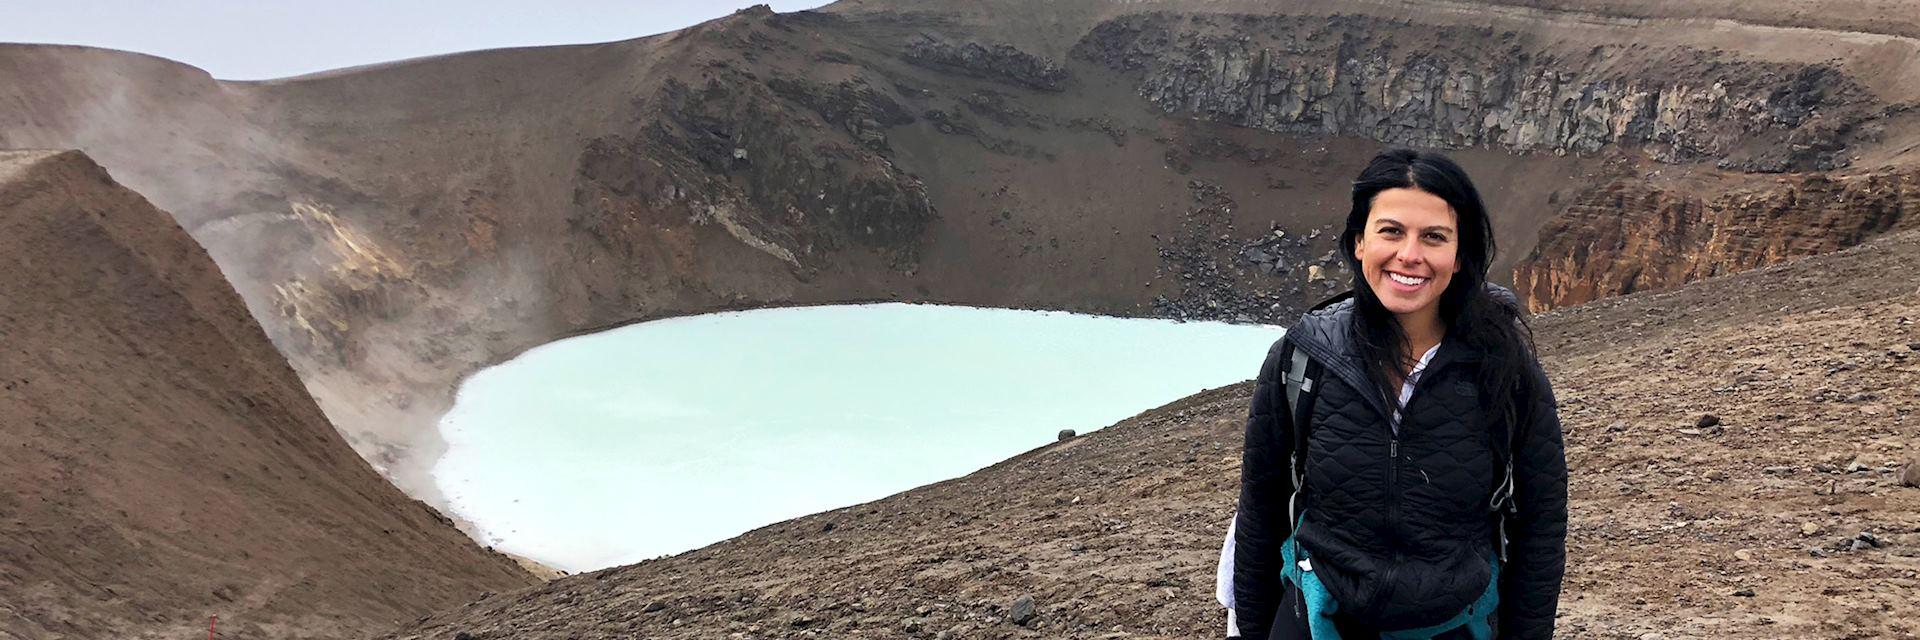 Amanda at the Askja Crater